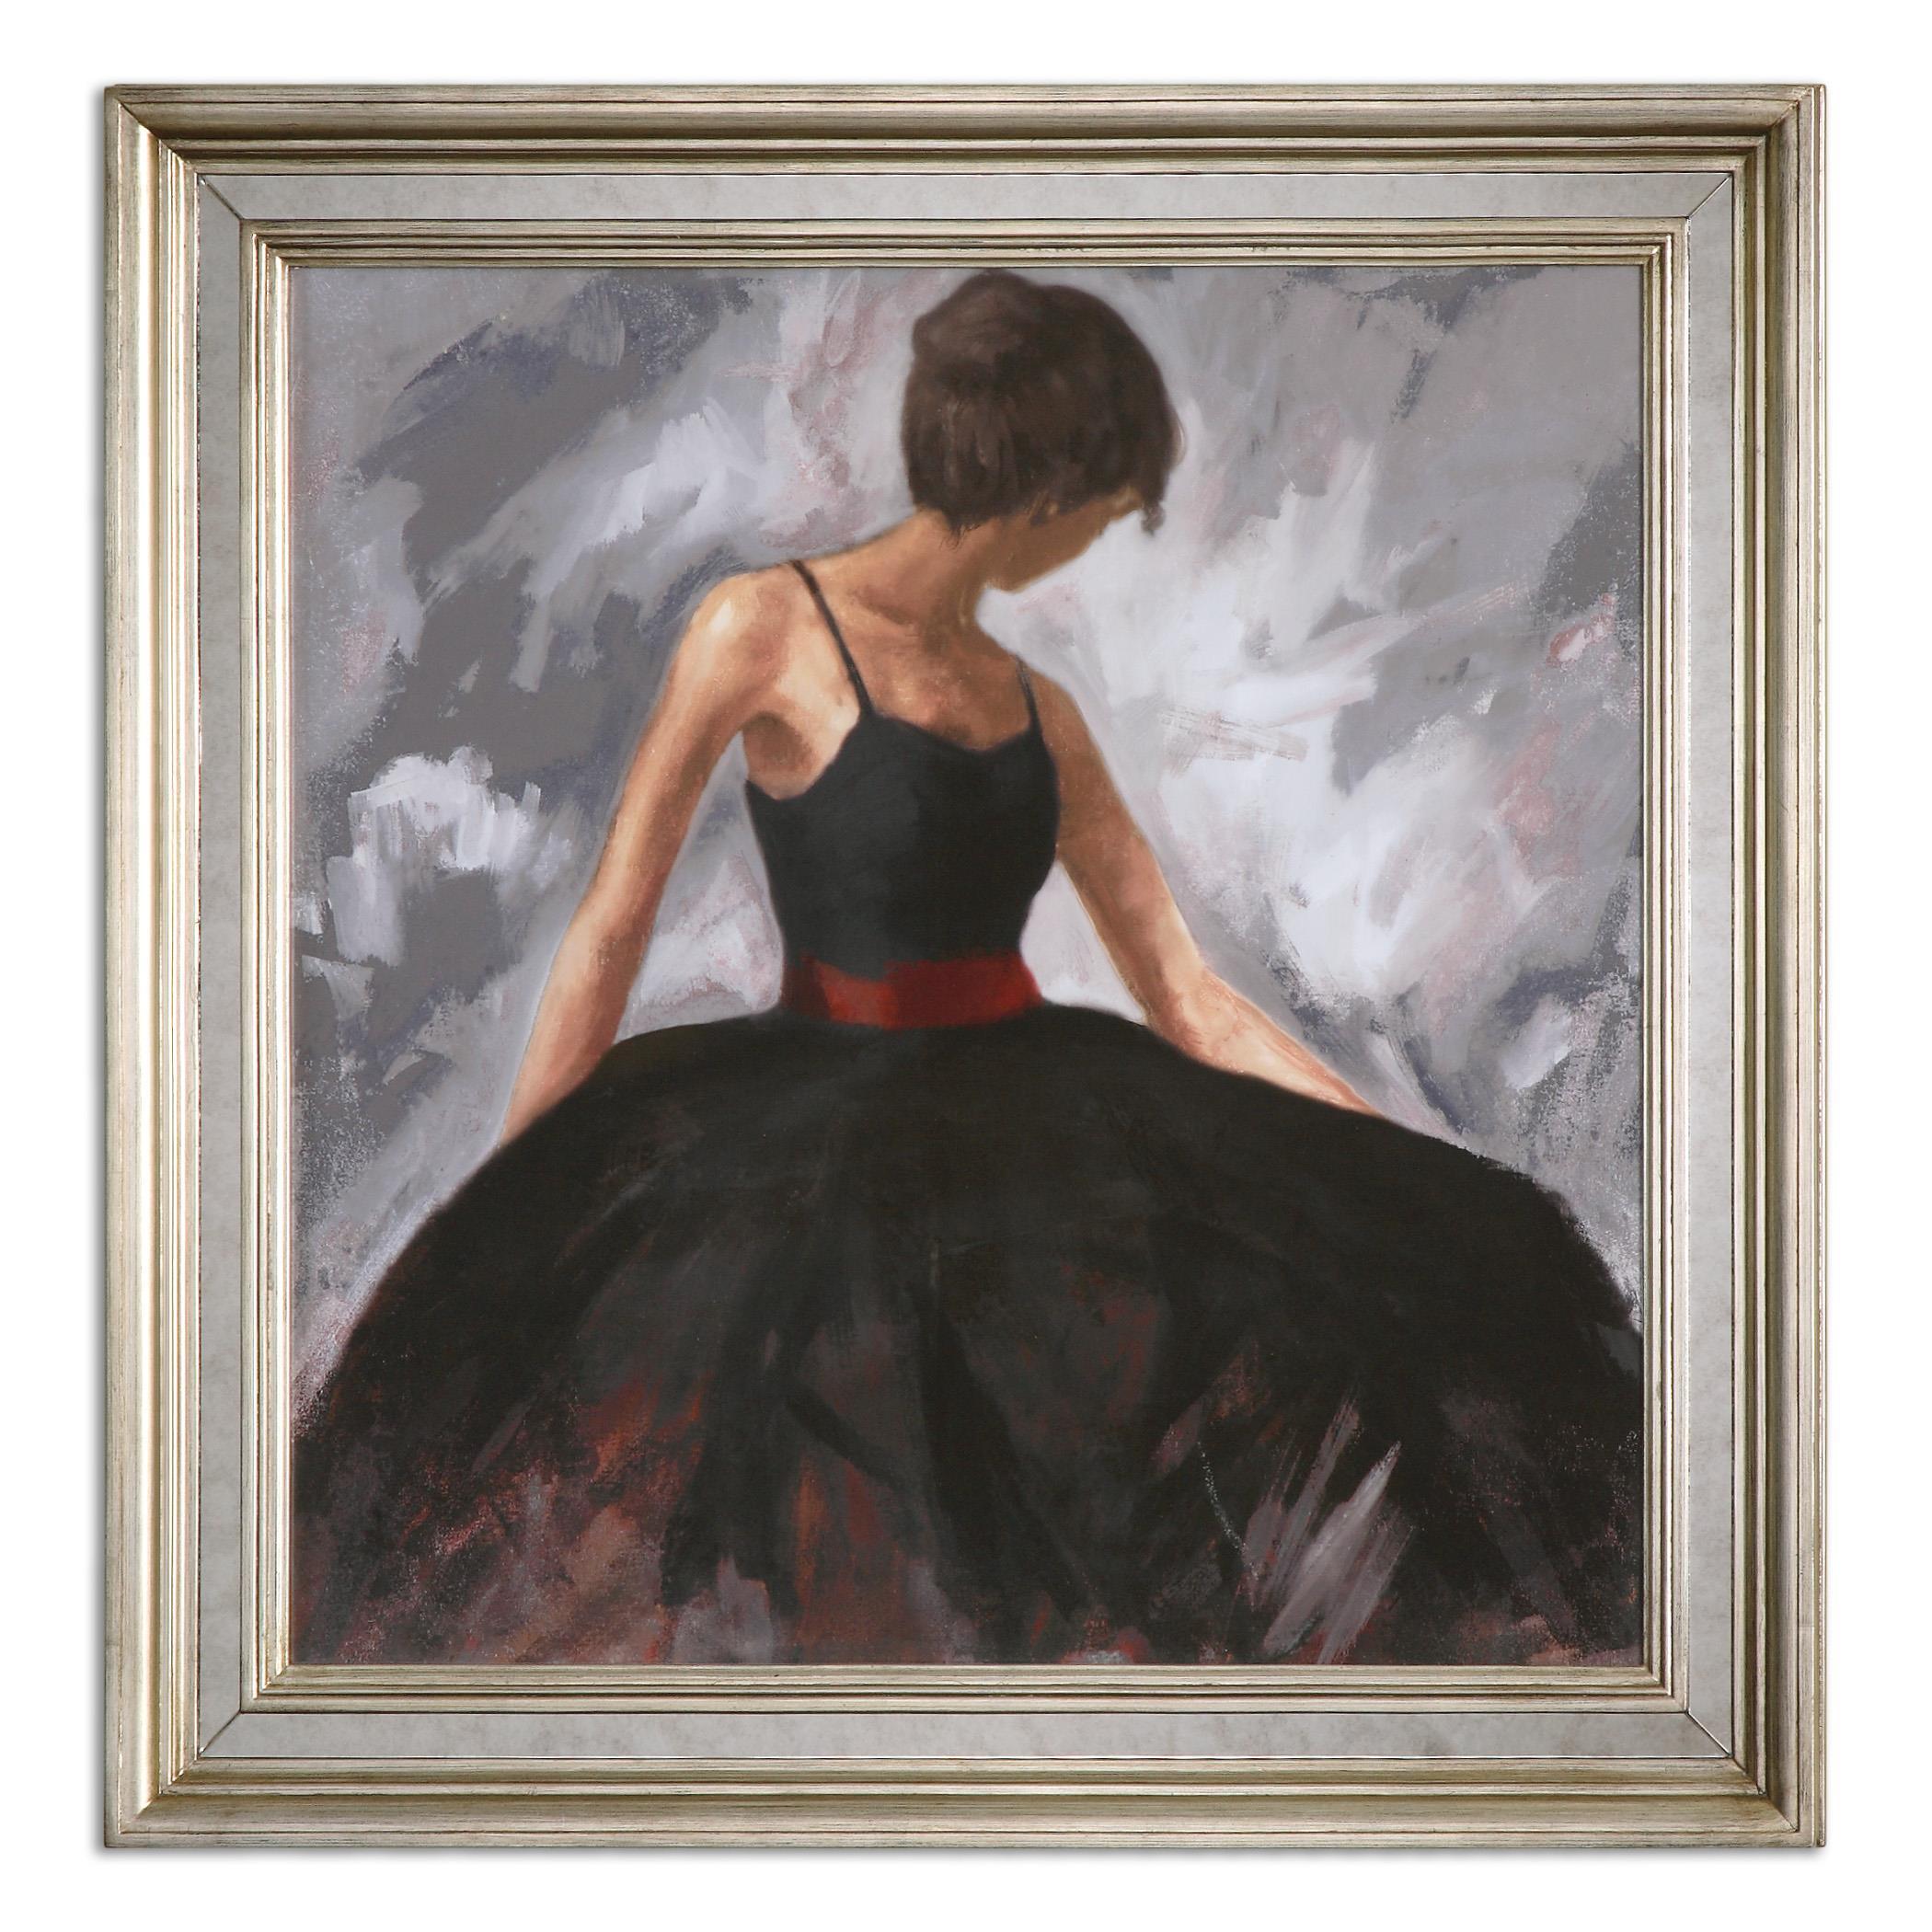 Uttermost Art Evening Out Framed Art - Item Number: 41540